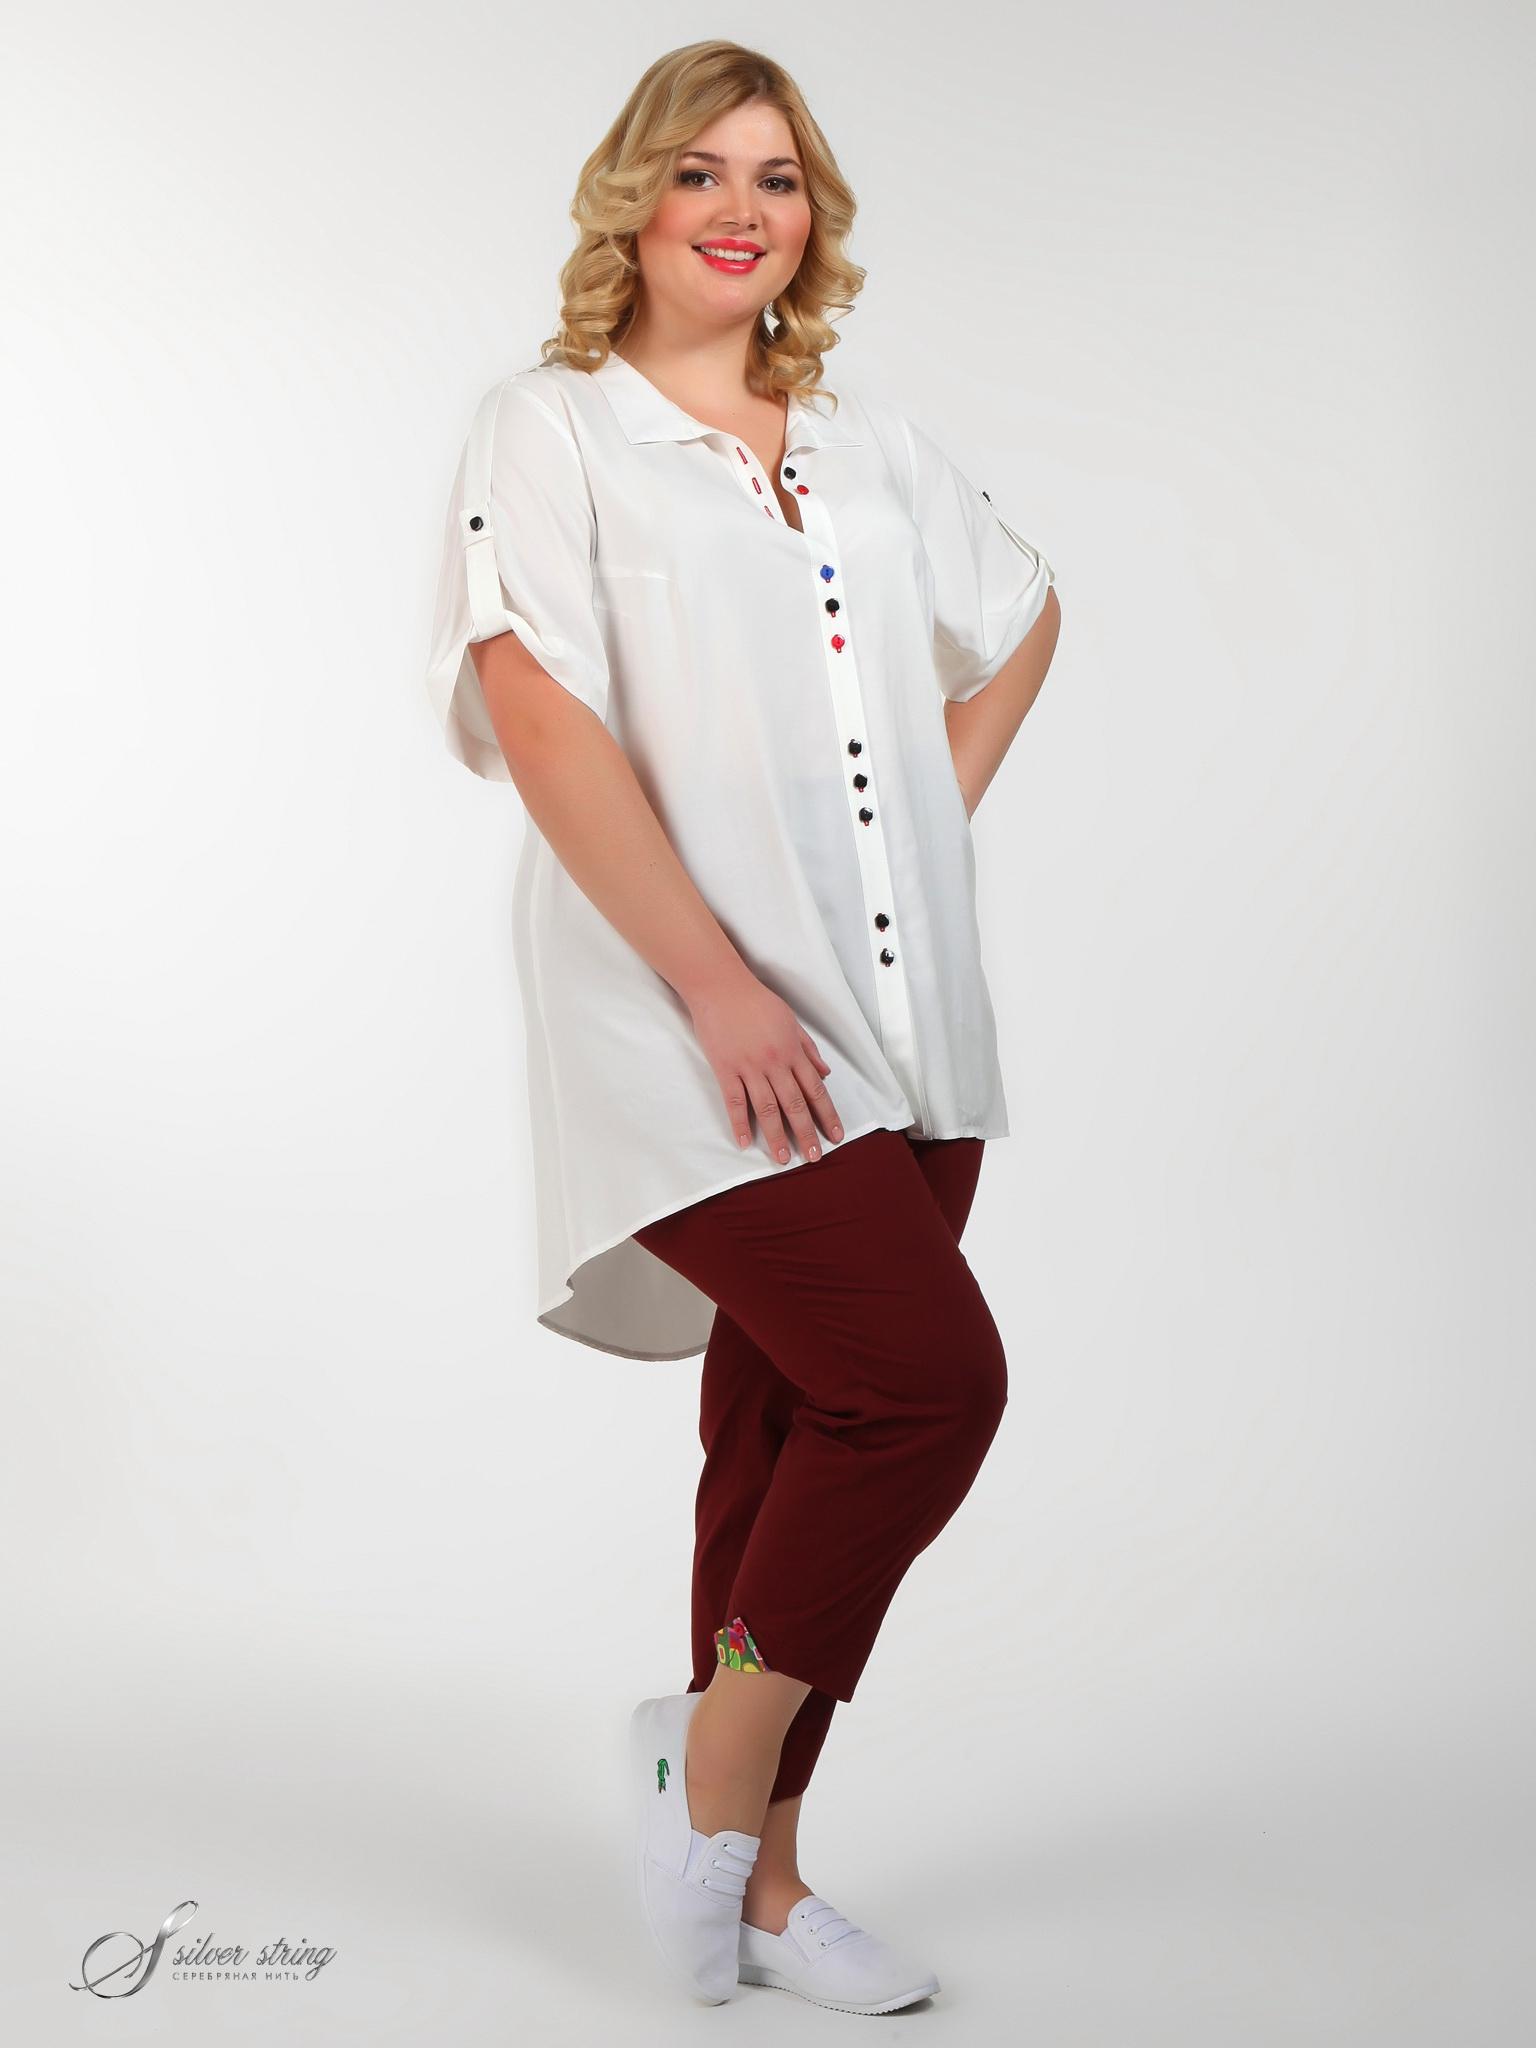 Женская Молодежная Одежда Больших Размеров Доставка